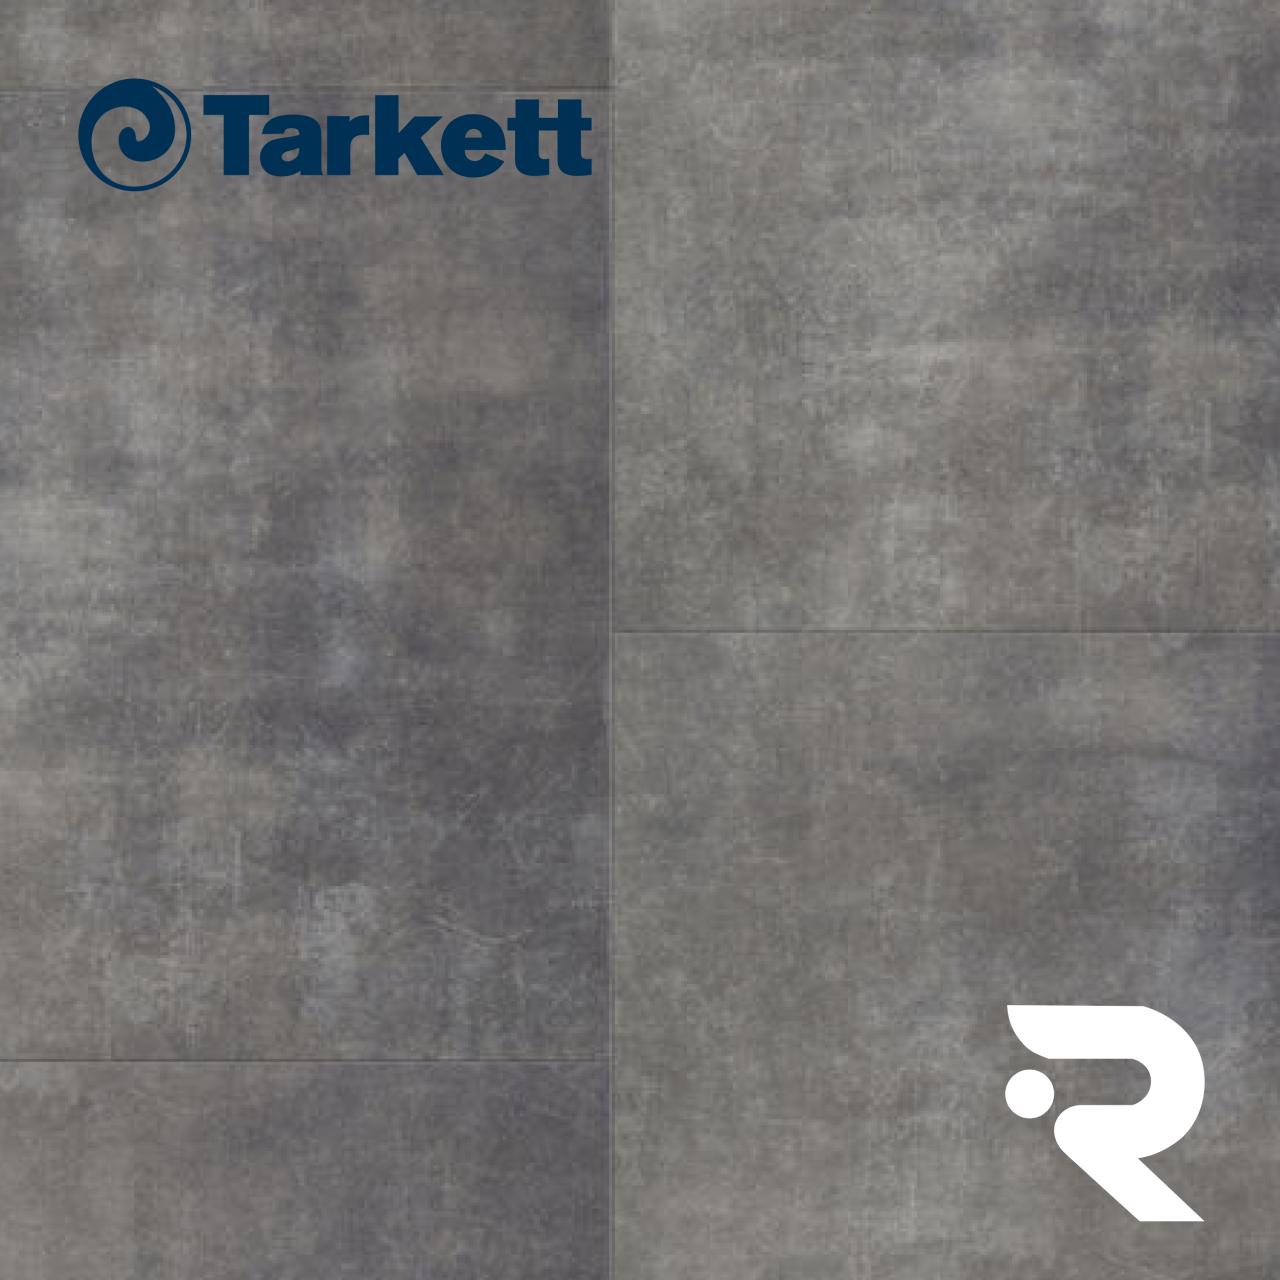 🌳 ПВХ плитка Tarkett | LOUNGE - CONCRETE | Art Vinyl | 457 x 457 мм